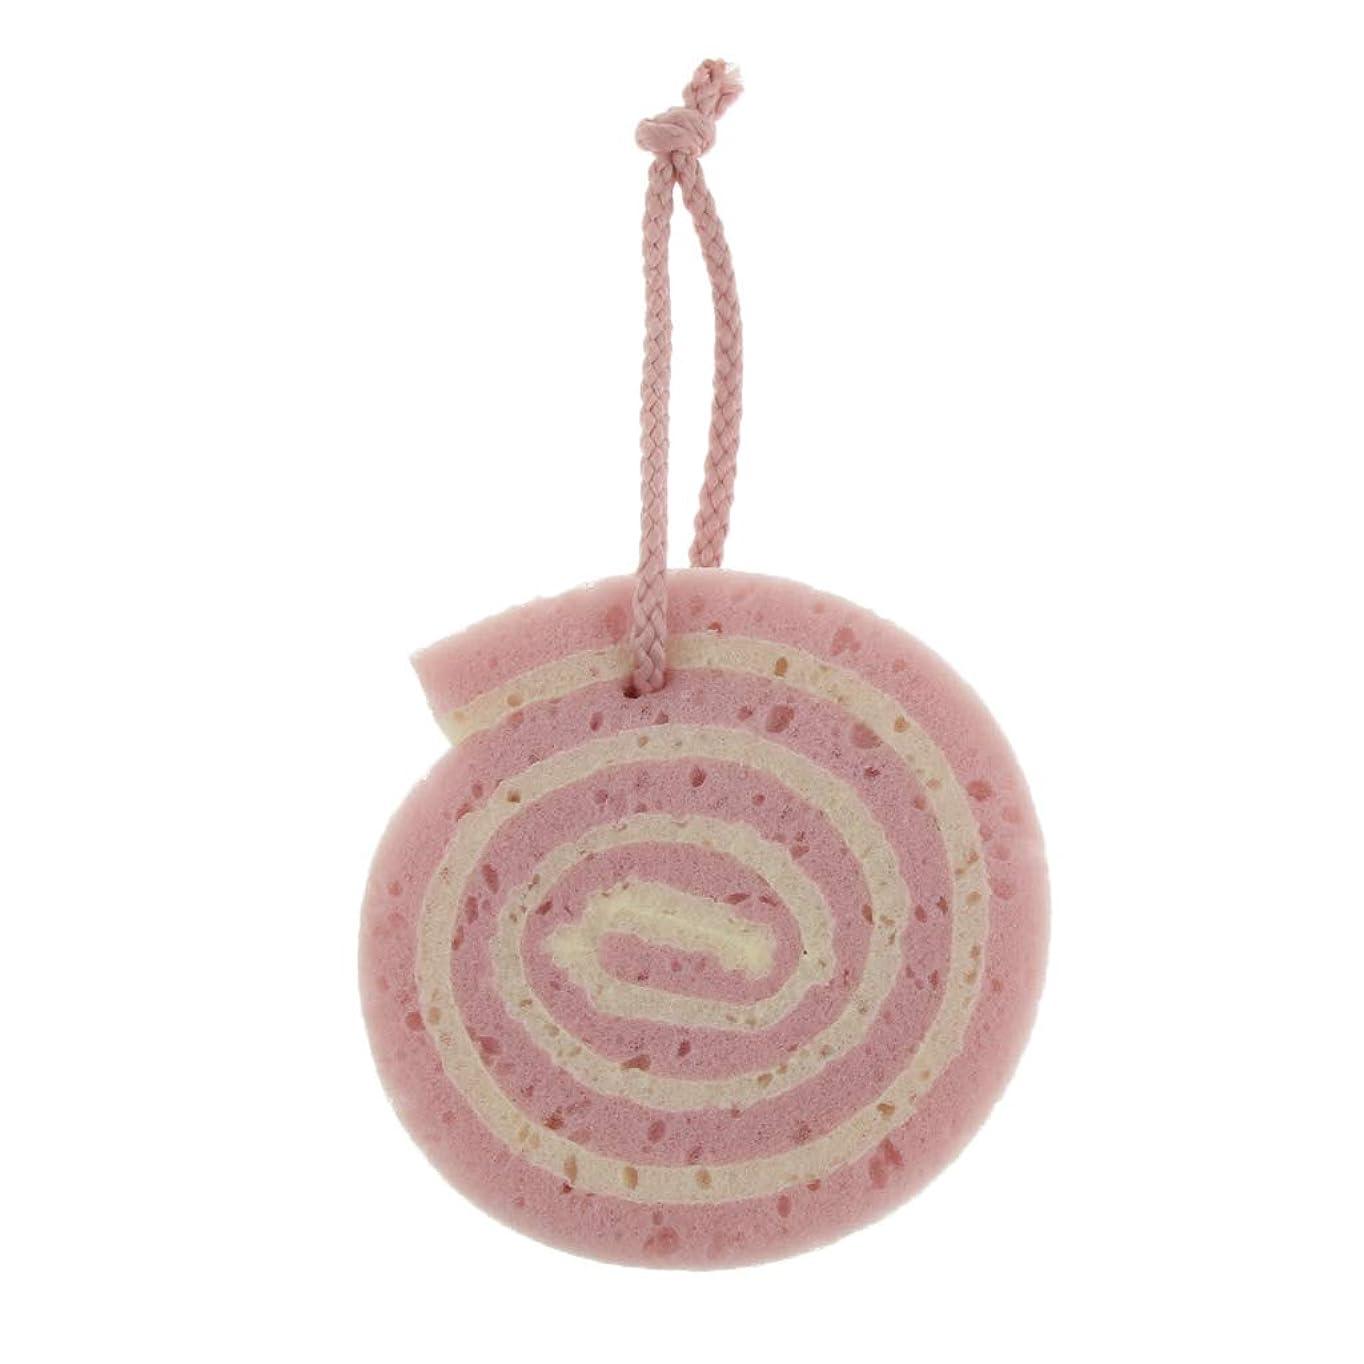 飢え真夜中サラミFLAMEER ボディスポンジ バスグッズ 子供シャワー スクラブスポンジ 3色選べ - ピンク